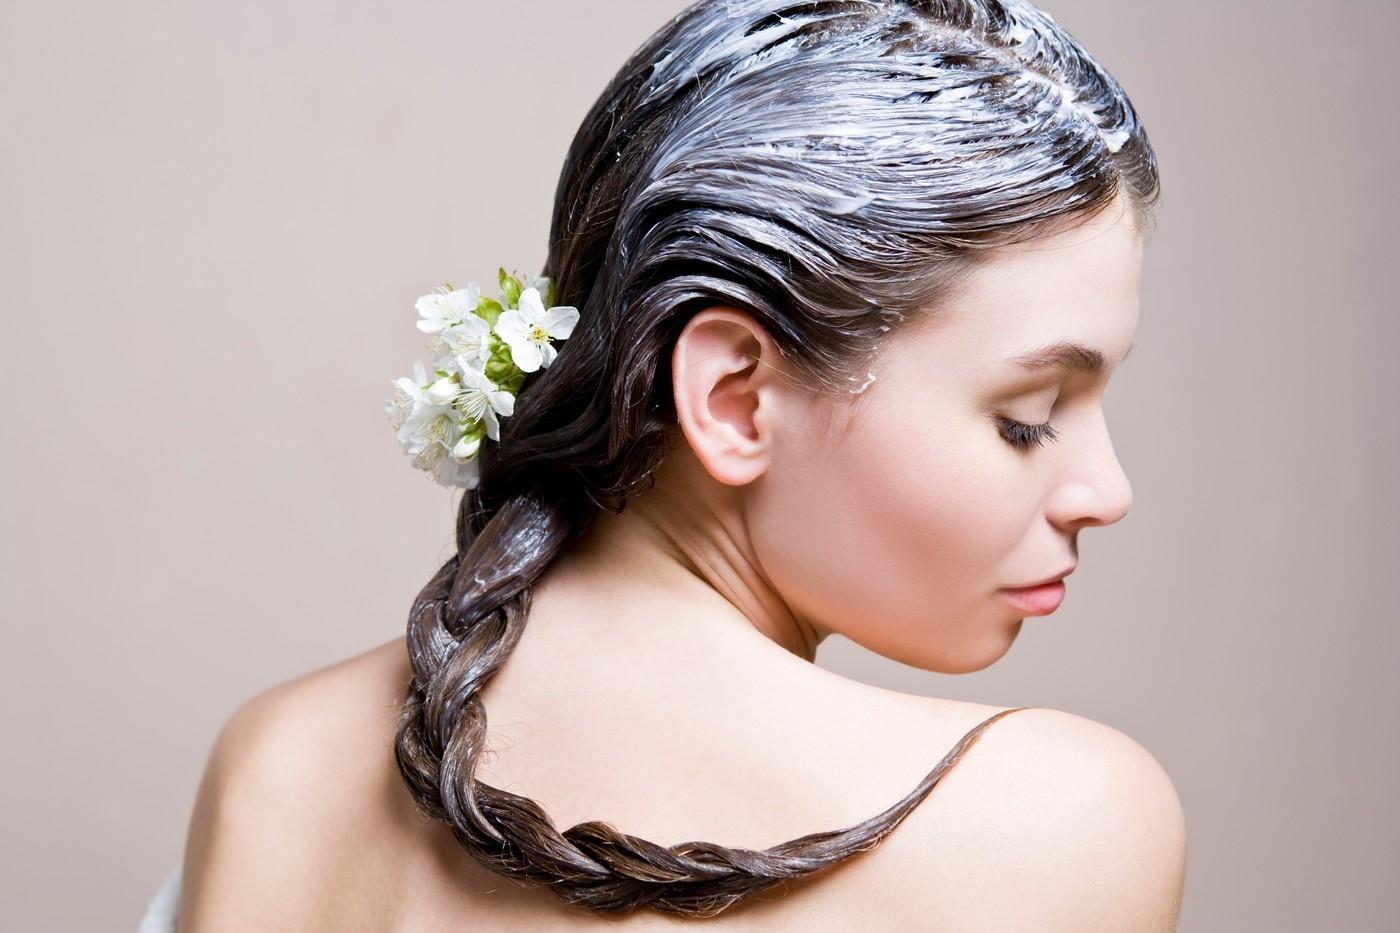 Девушка с маской для волос и цветком